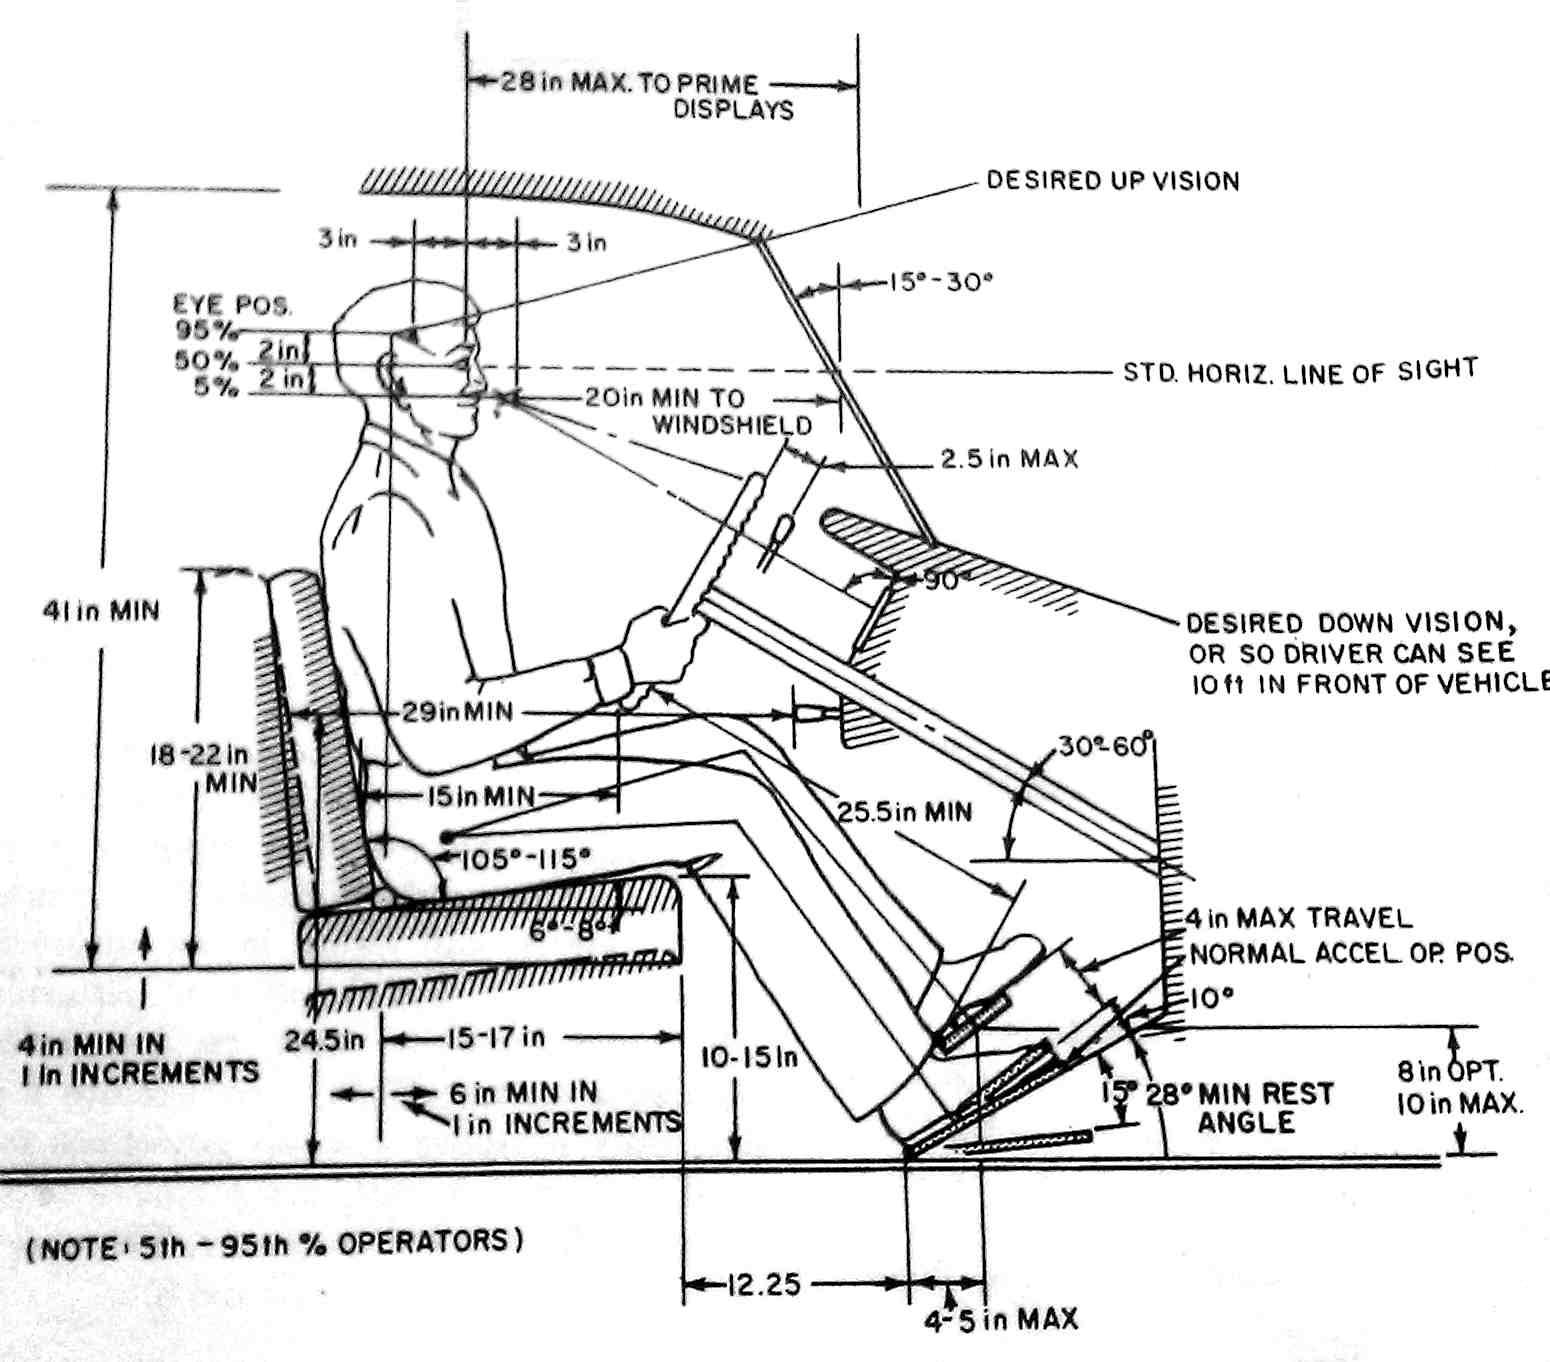 ergonomics  AS POUCO COMENTADAS SEGURANÇA E DIREÇÃO PREVENTIVAS ergonomics